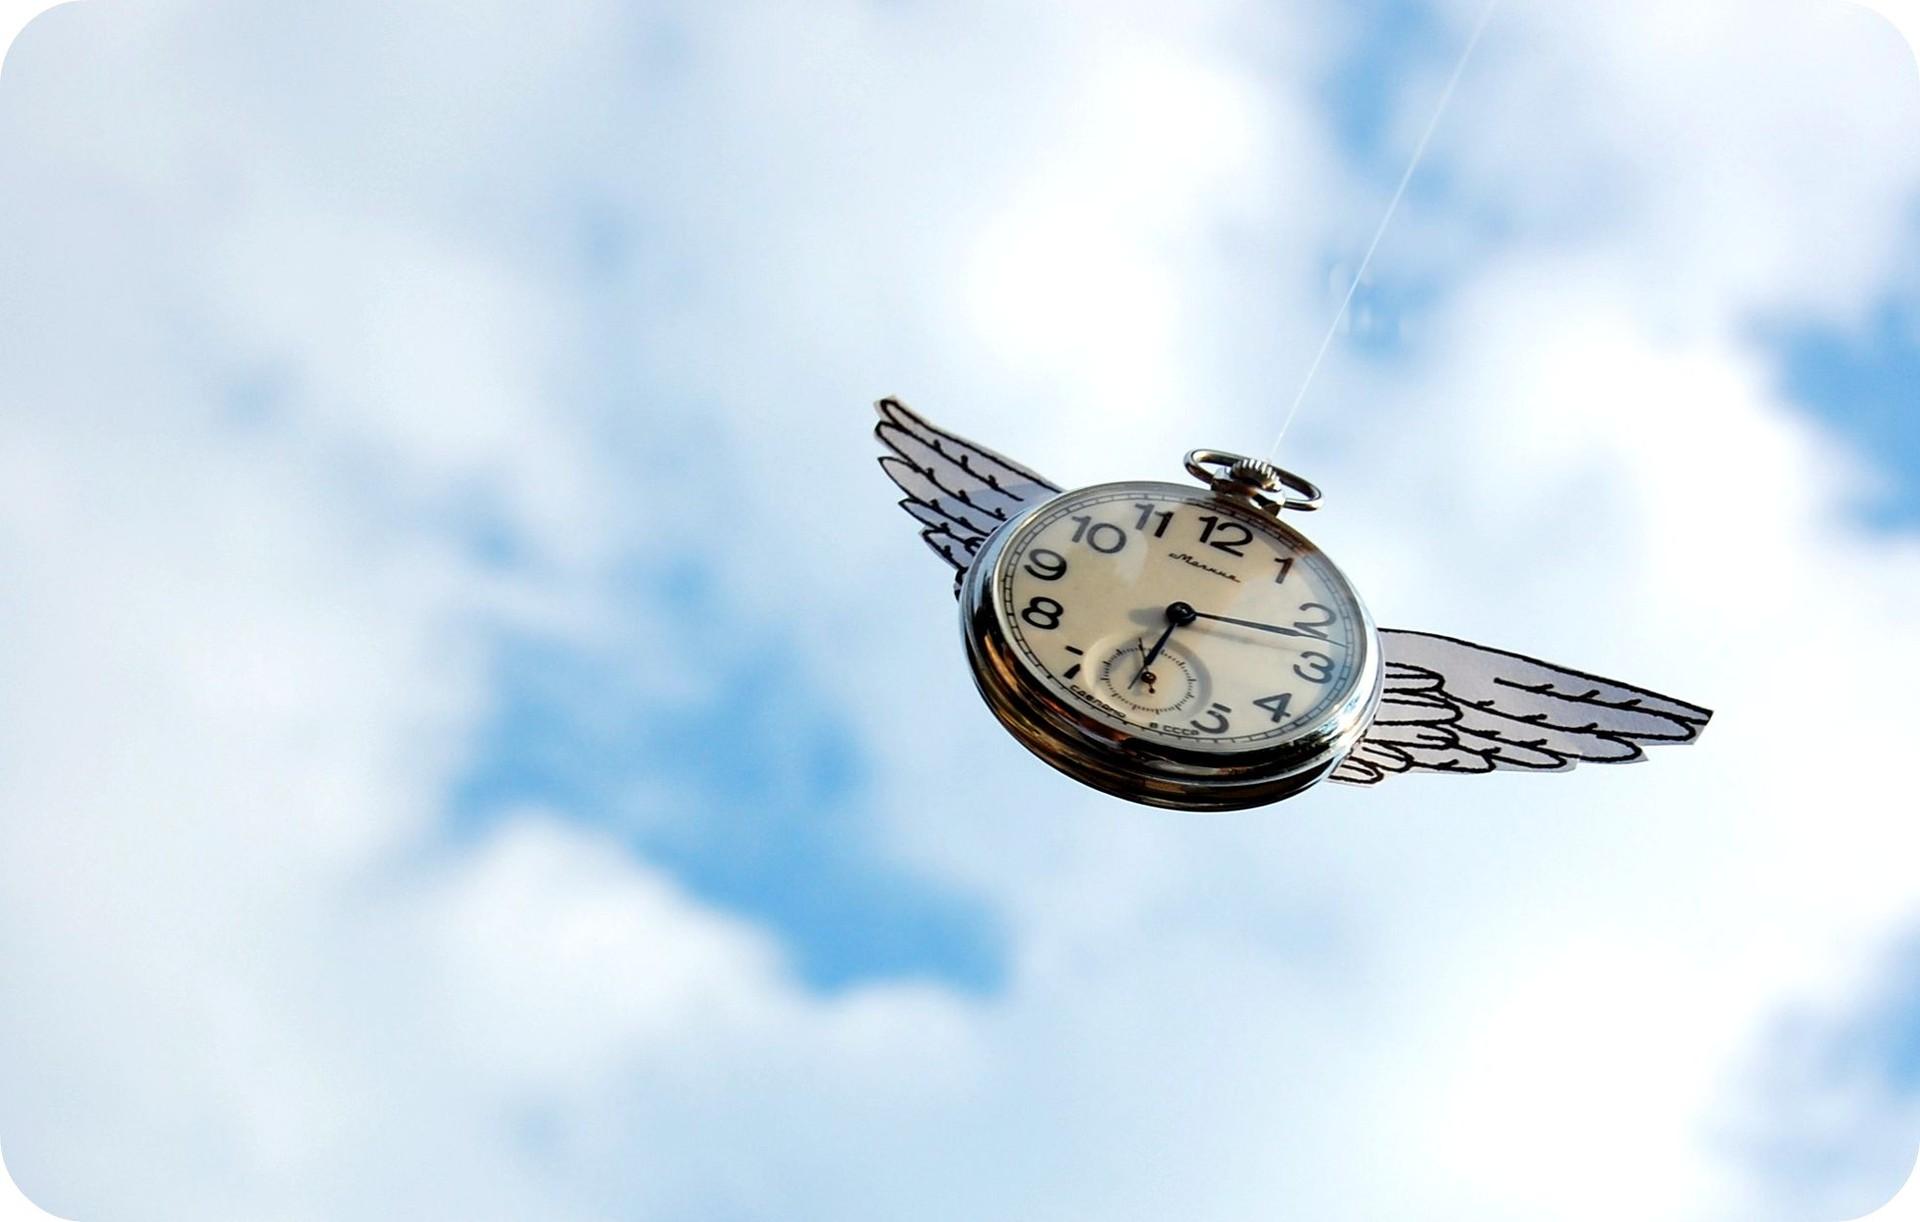 Desacelerar a percepção do tempo é possível (Foto: Nicole Jordan/flickr/Creative Commons)